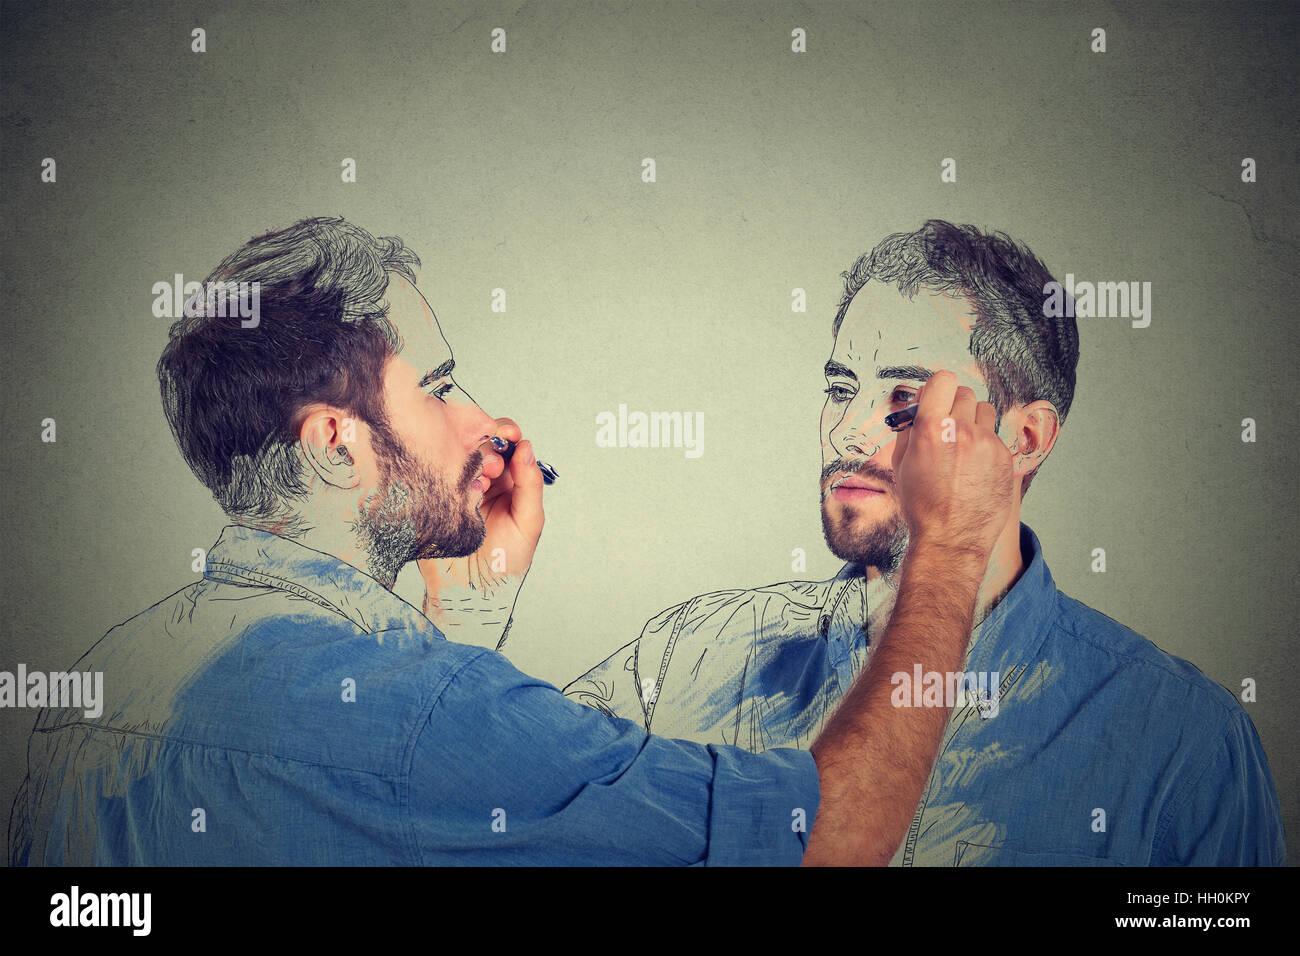 Créez vous-même concept. Bon jeune homme un dessin, une esquisse de lui-même sur fond de mur gris. Photo Stock